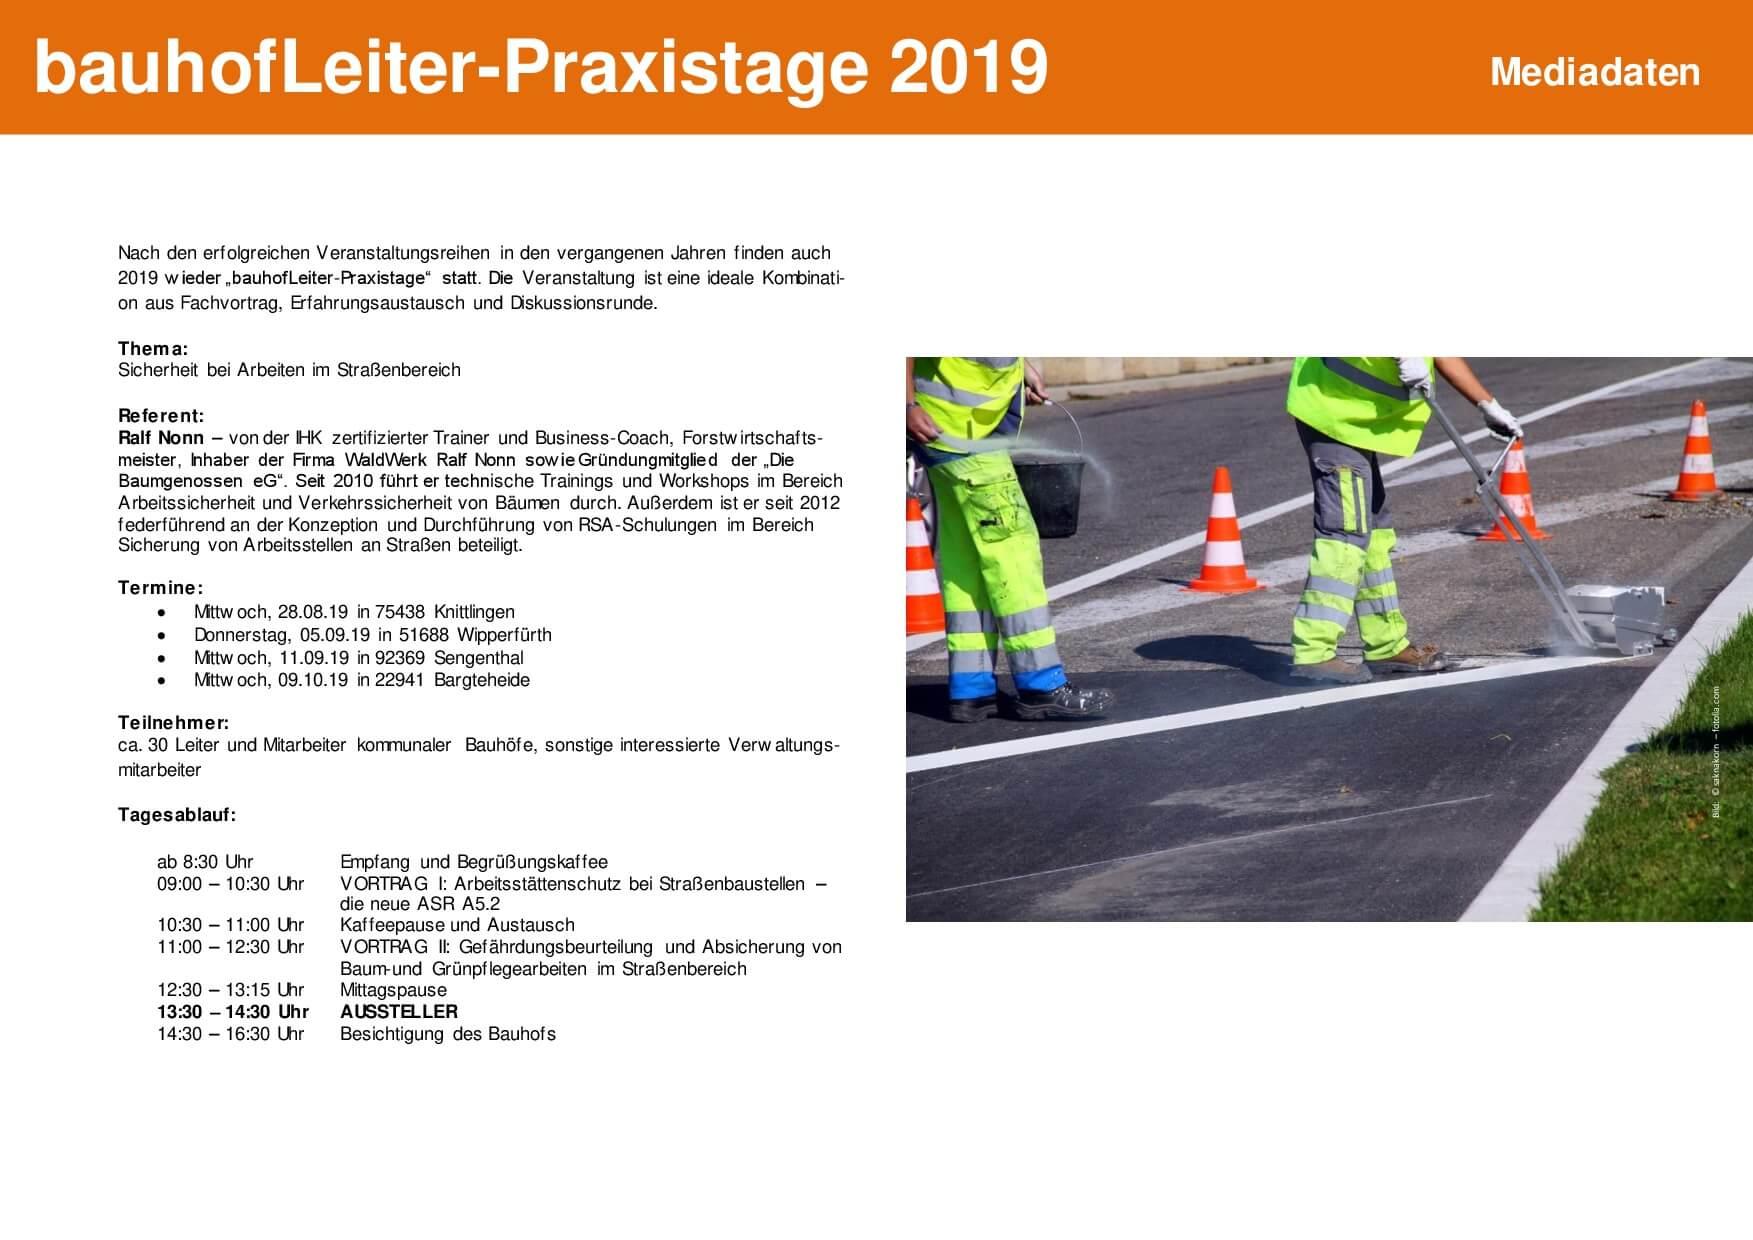 Mediadaten bhL-Praxistage 2019